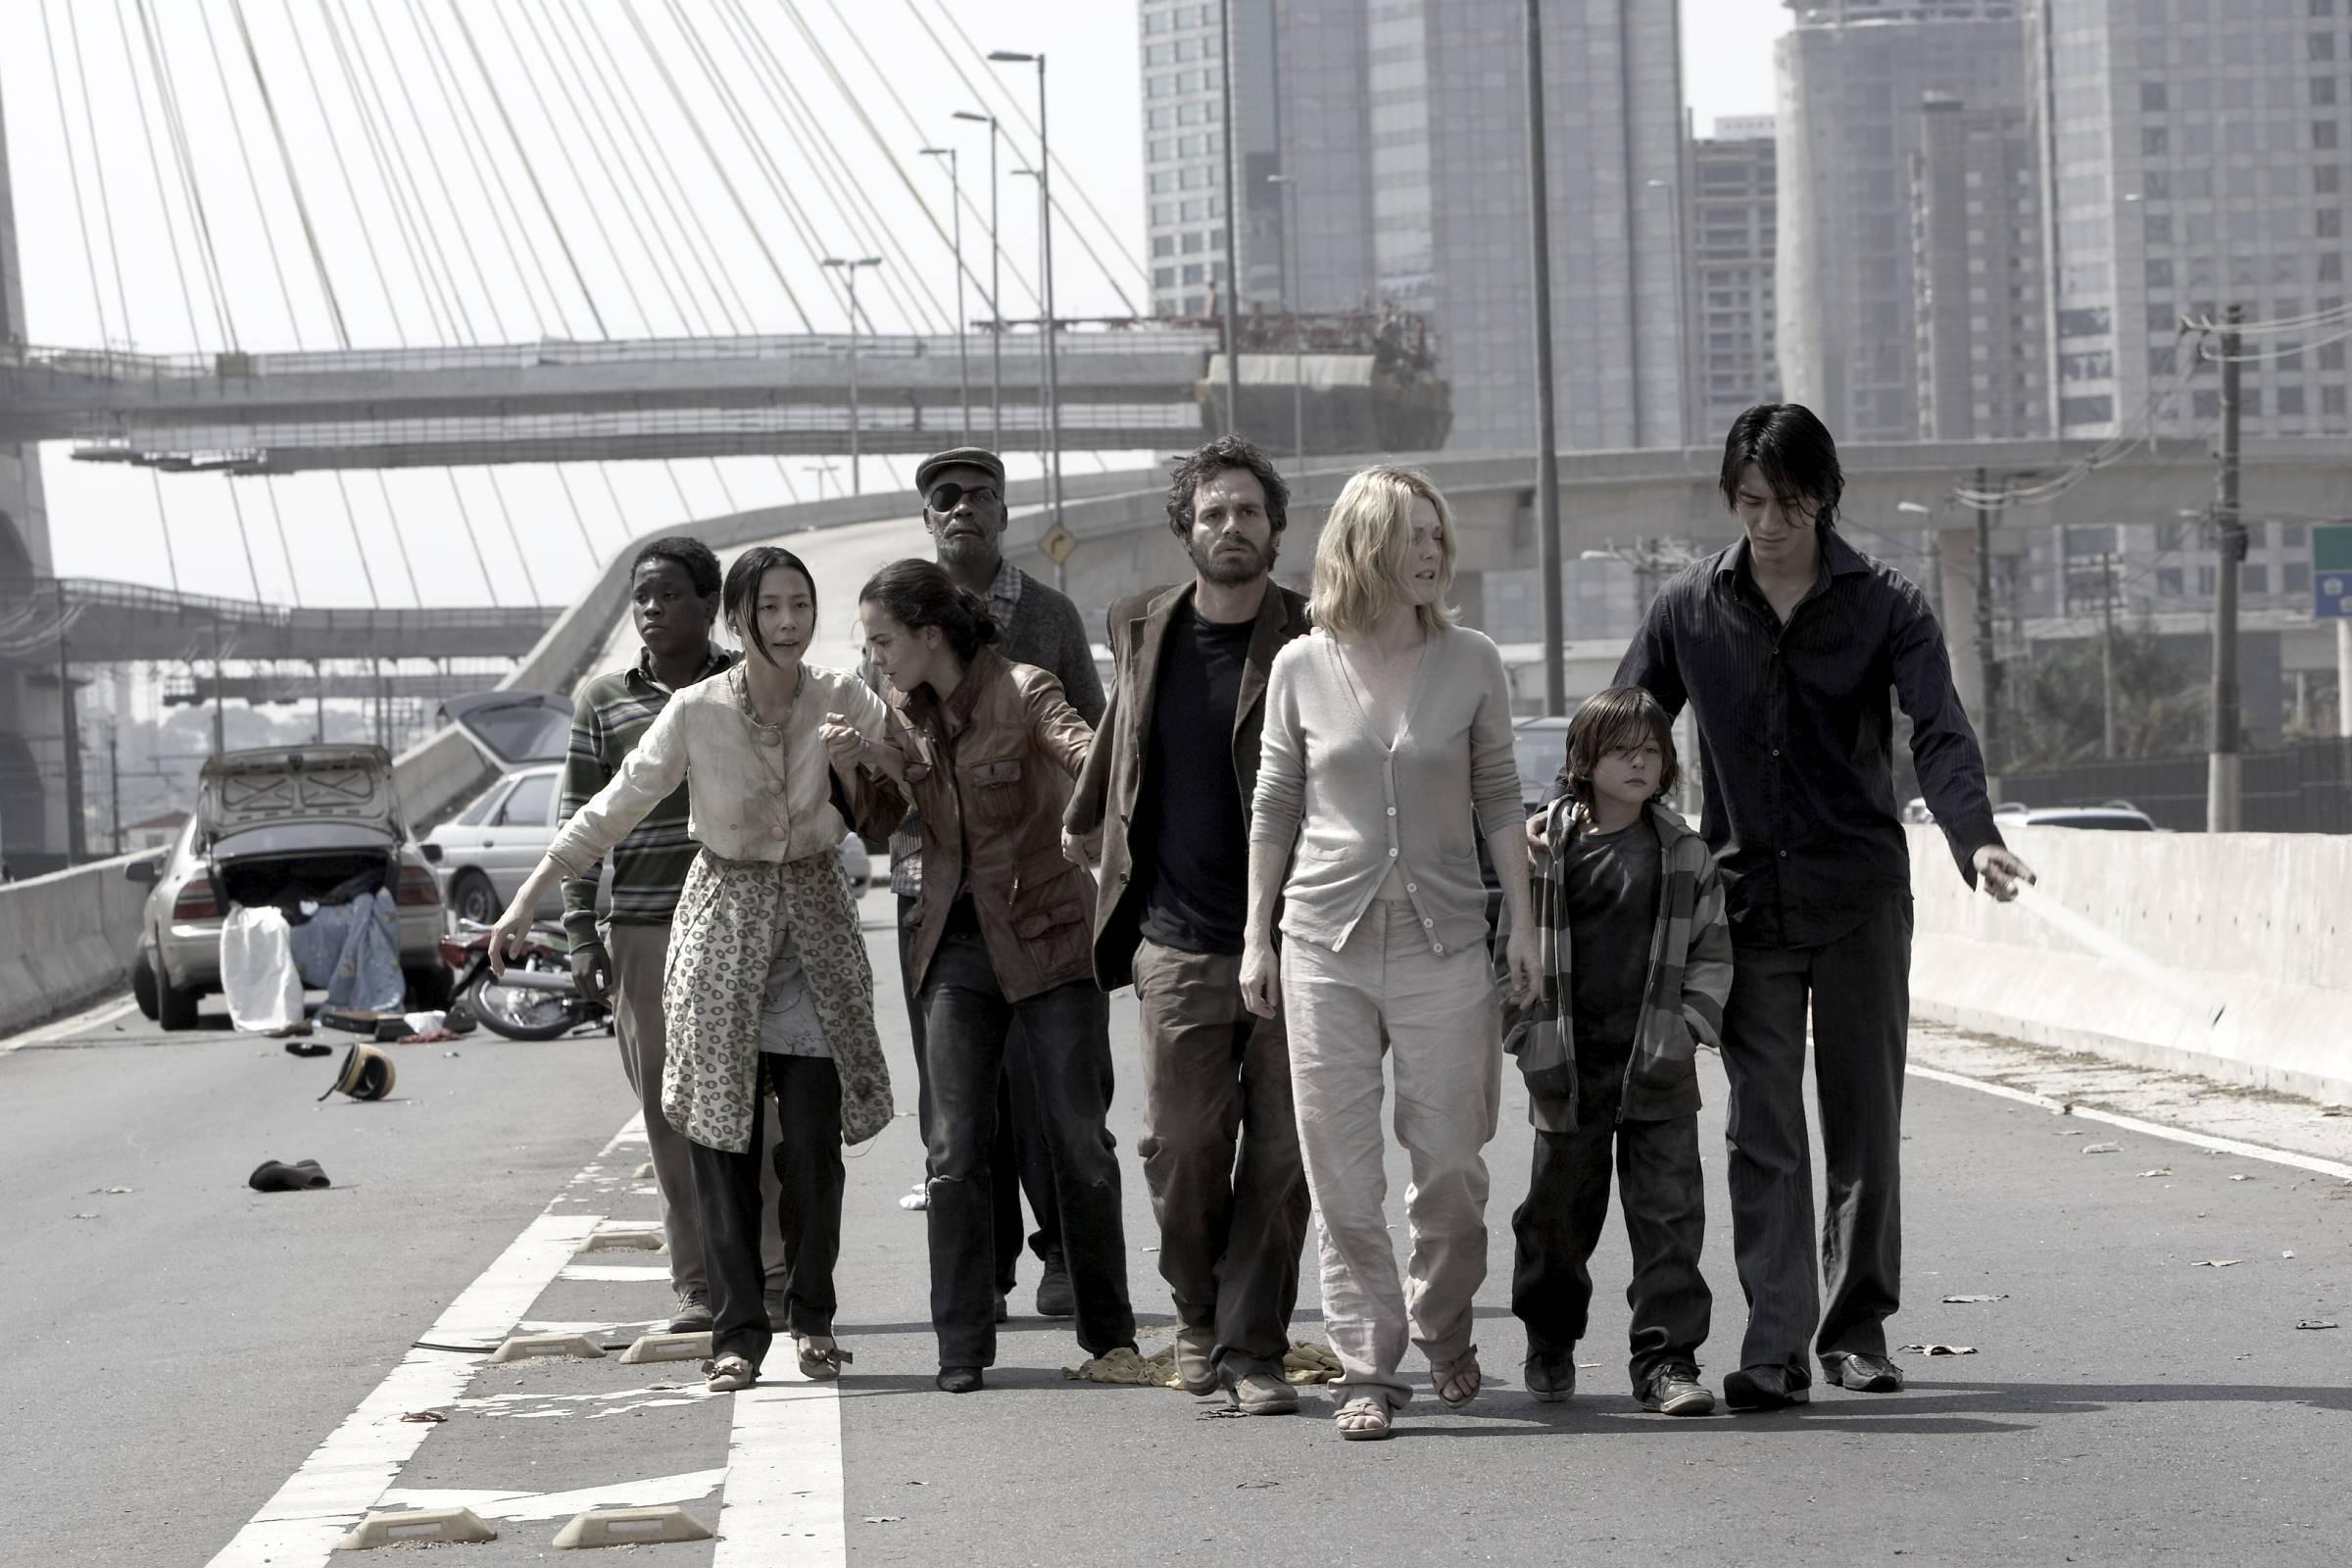 """A Ponte Estaiada também aparece em """"Ensaio Sobre A Cegueira""""; ponte foi construída no mesmo ano em que o filme foi lançado. Foto: Reprodução"""